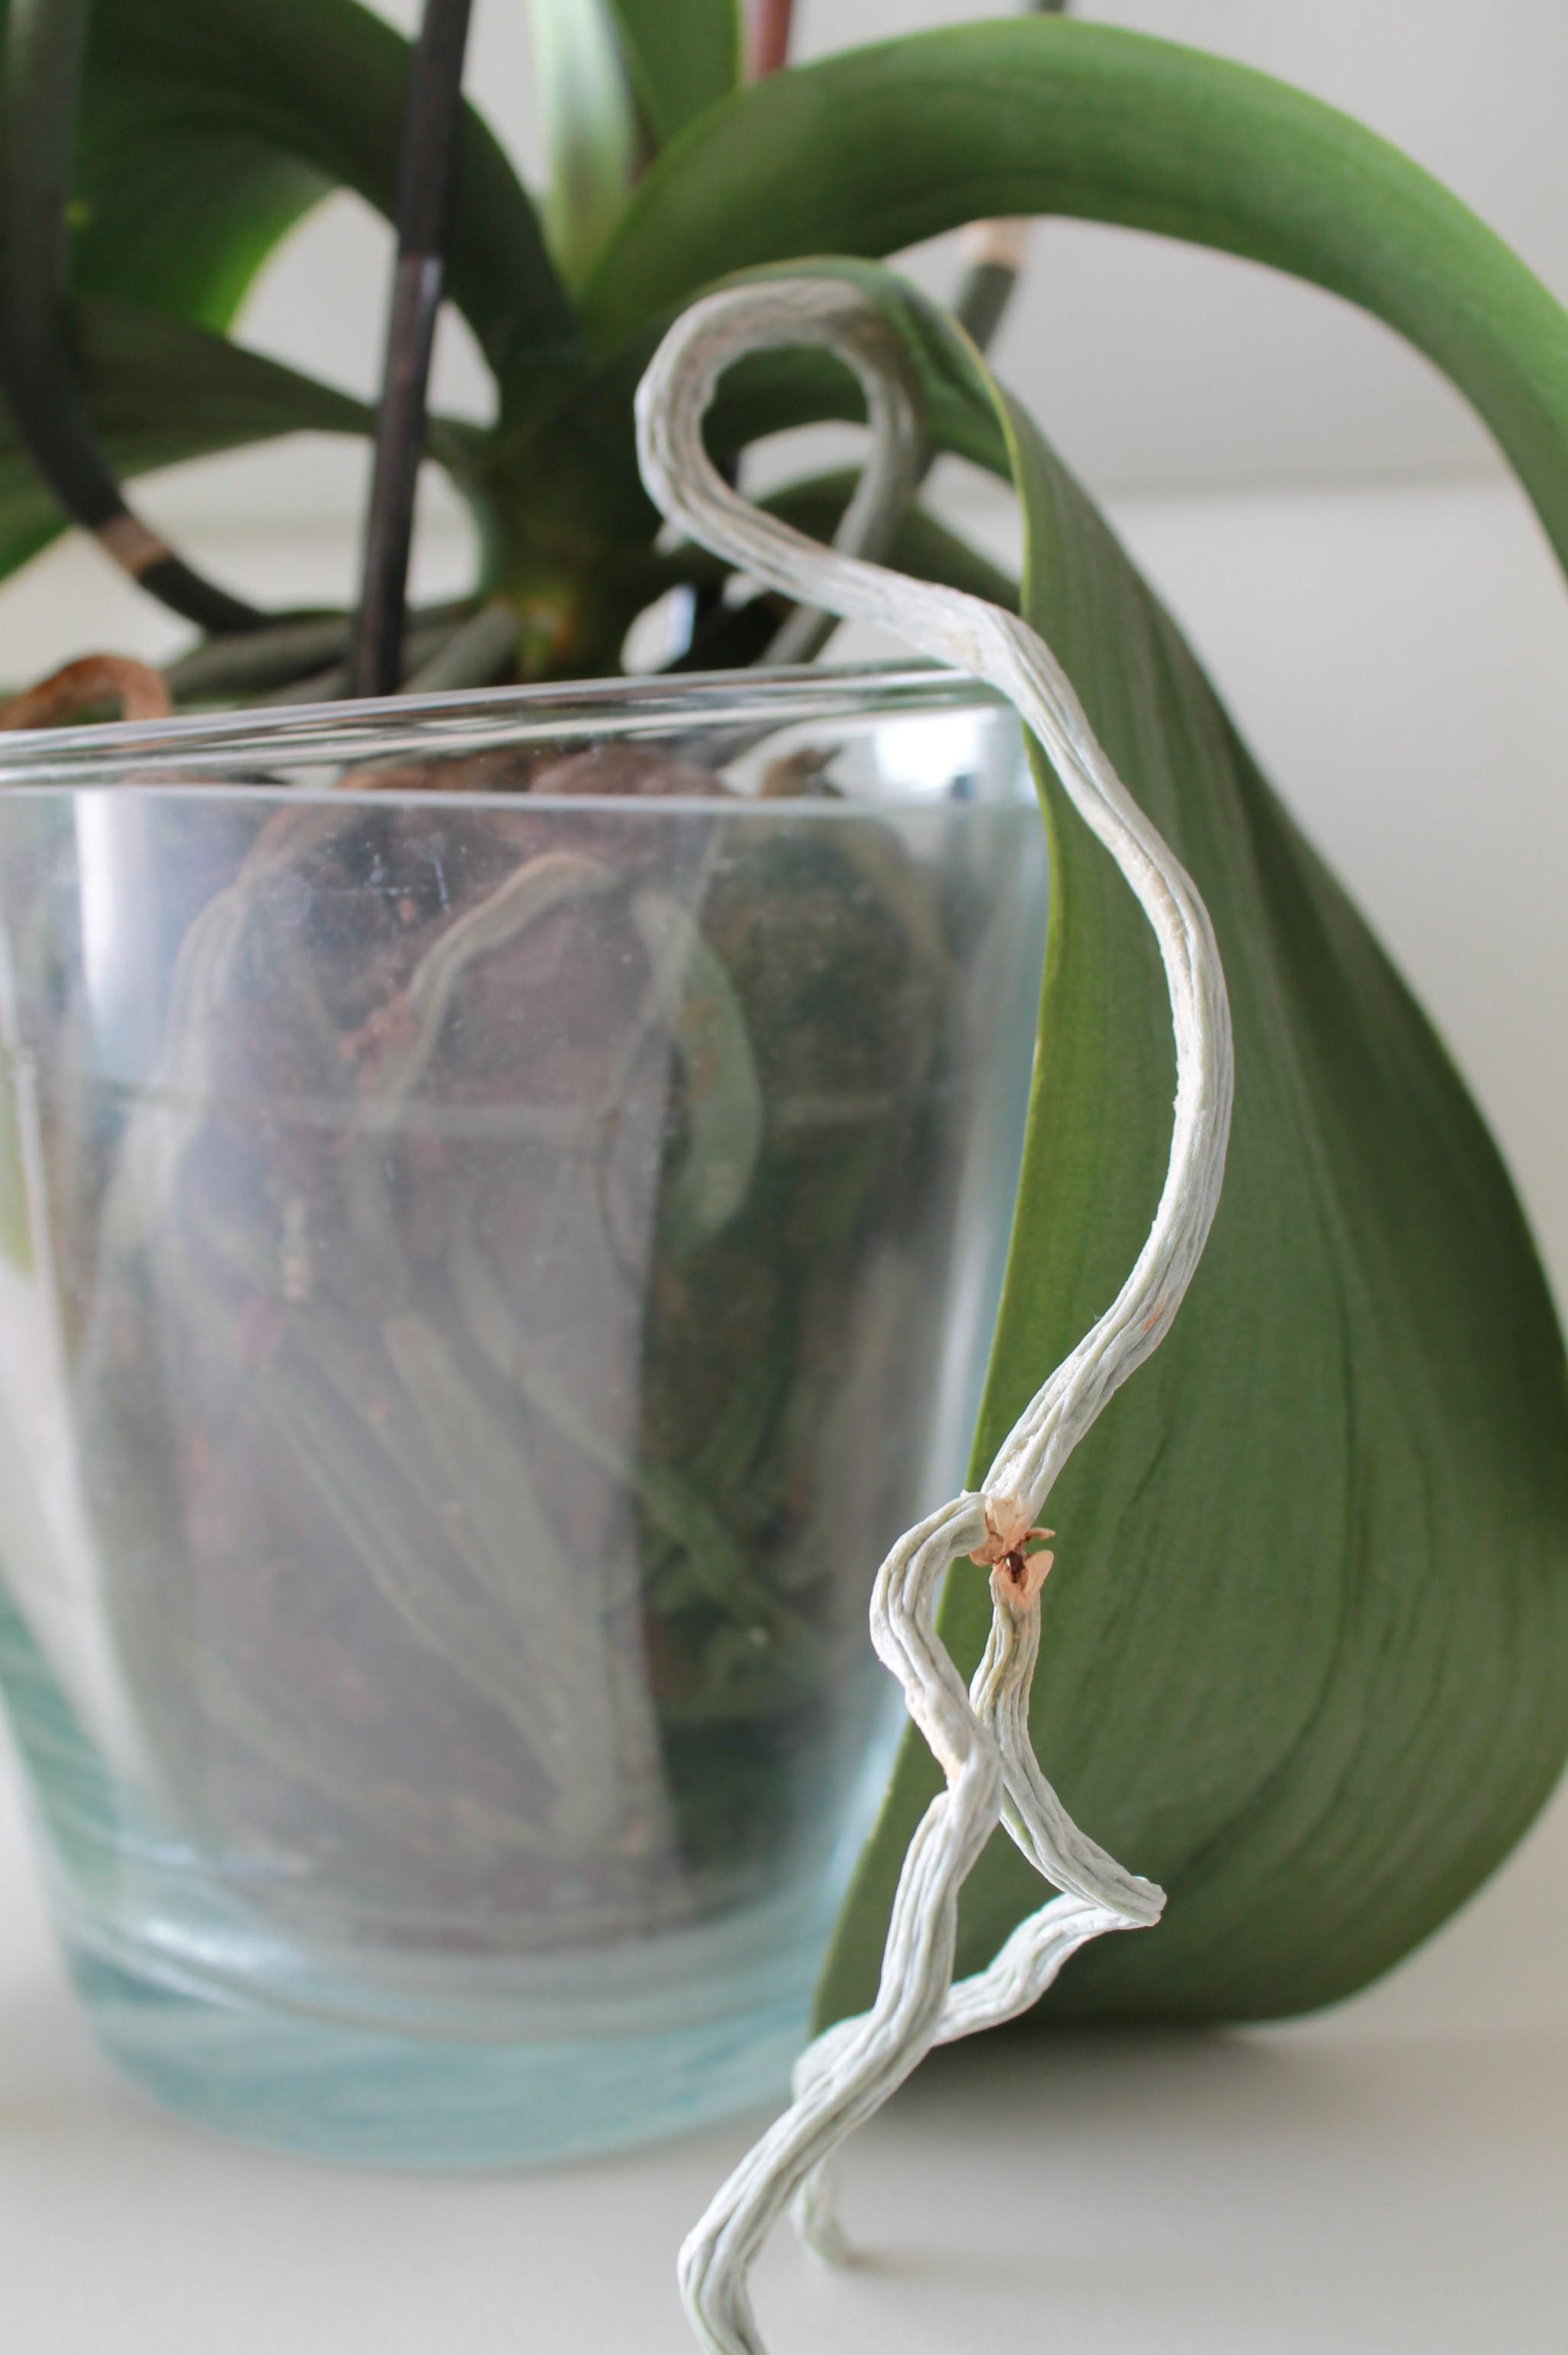 Etat général de mes orchidées  2Nj1F0